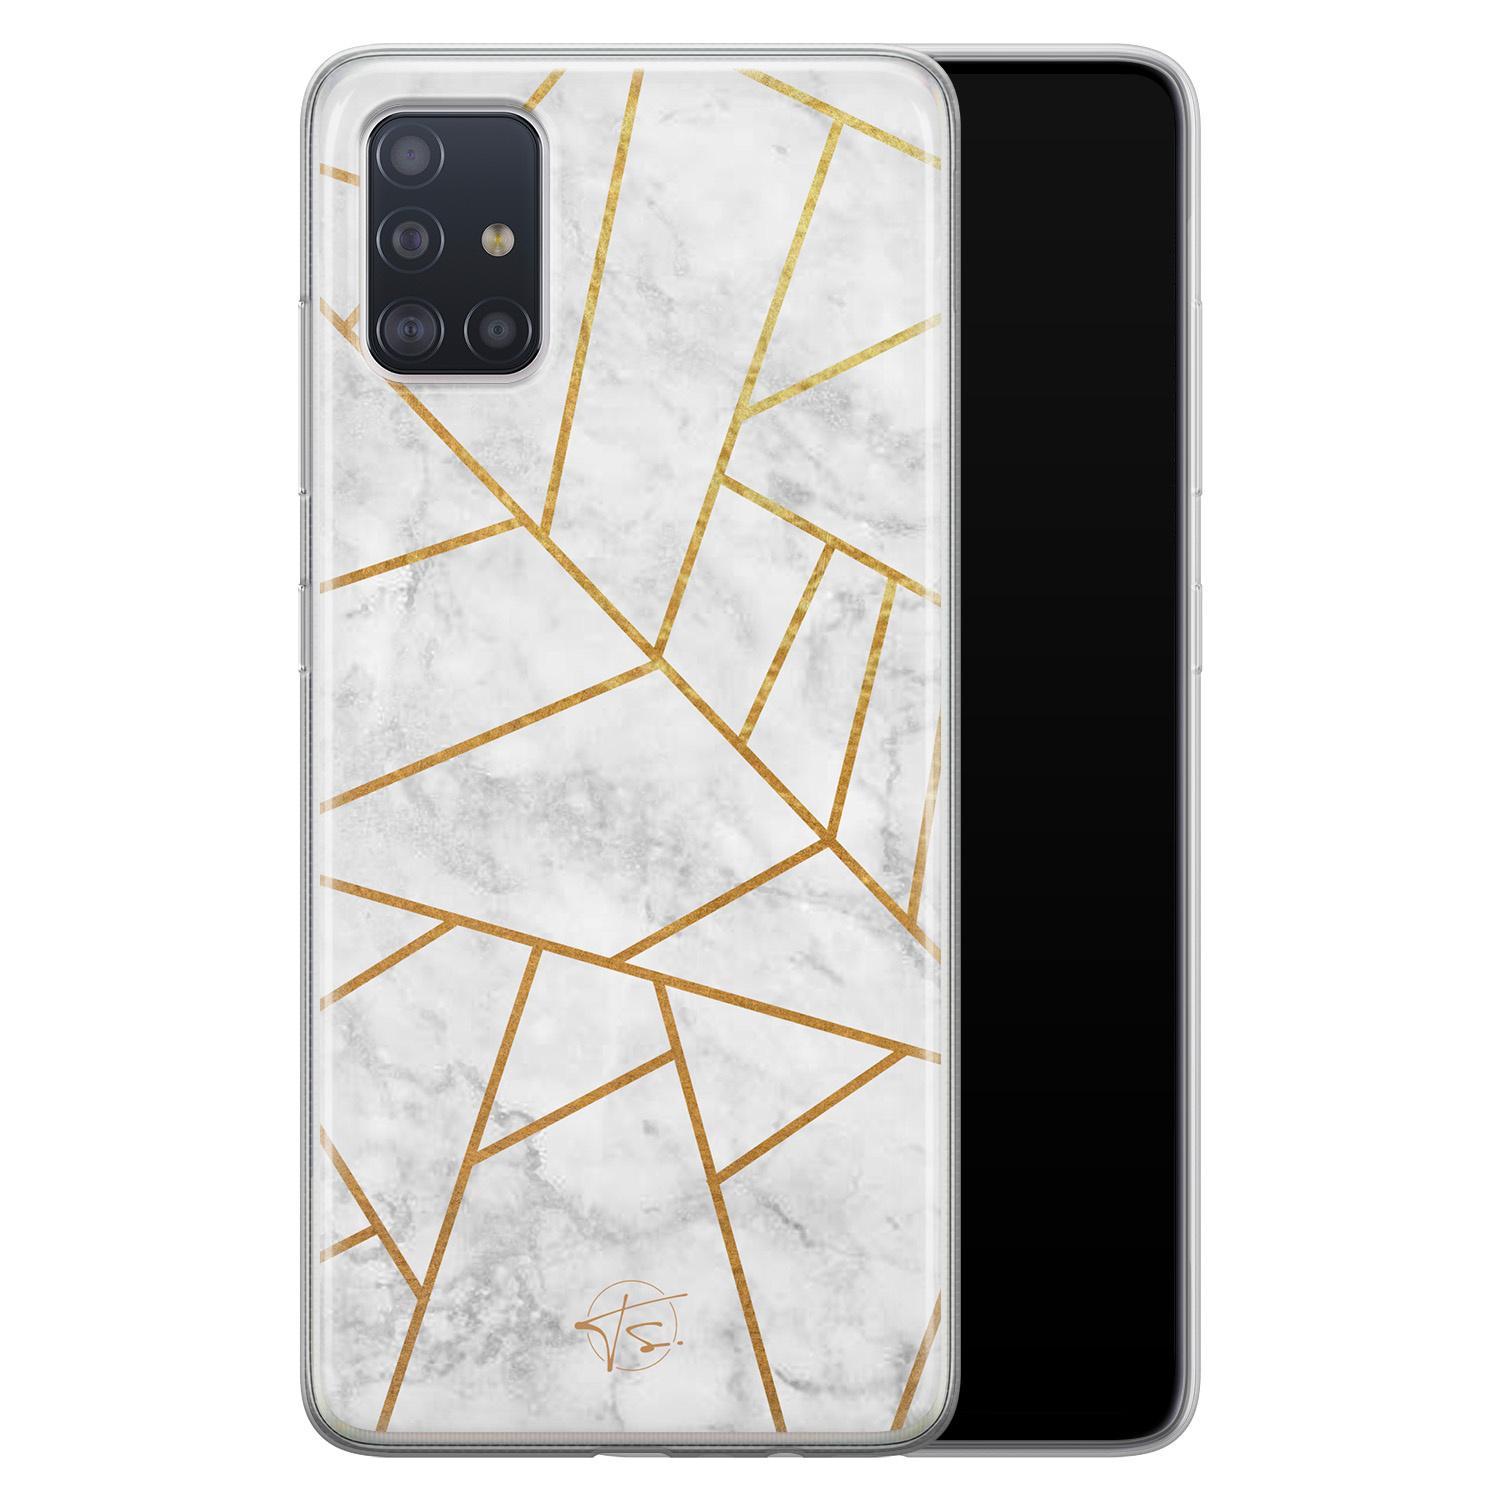 Telefoonhoesje Store Samsung Galaxy A51 siliconen hoesje - Geometrisch marmer